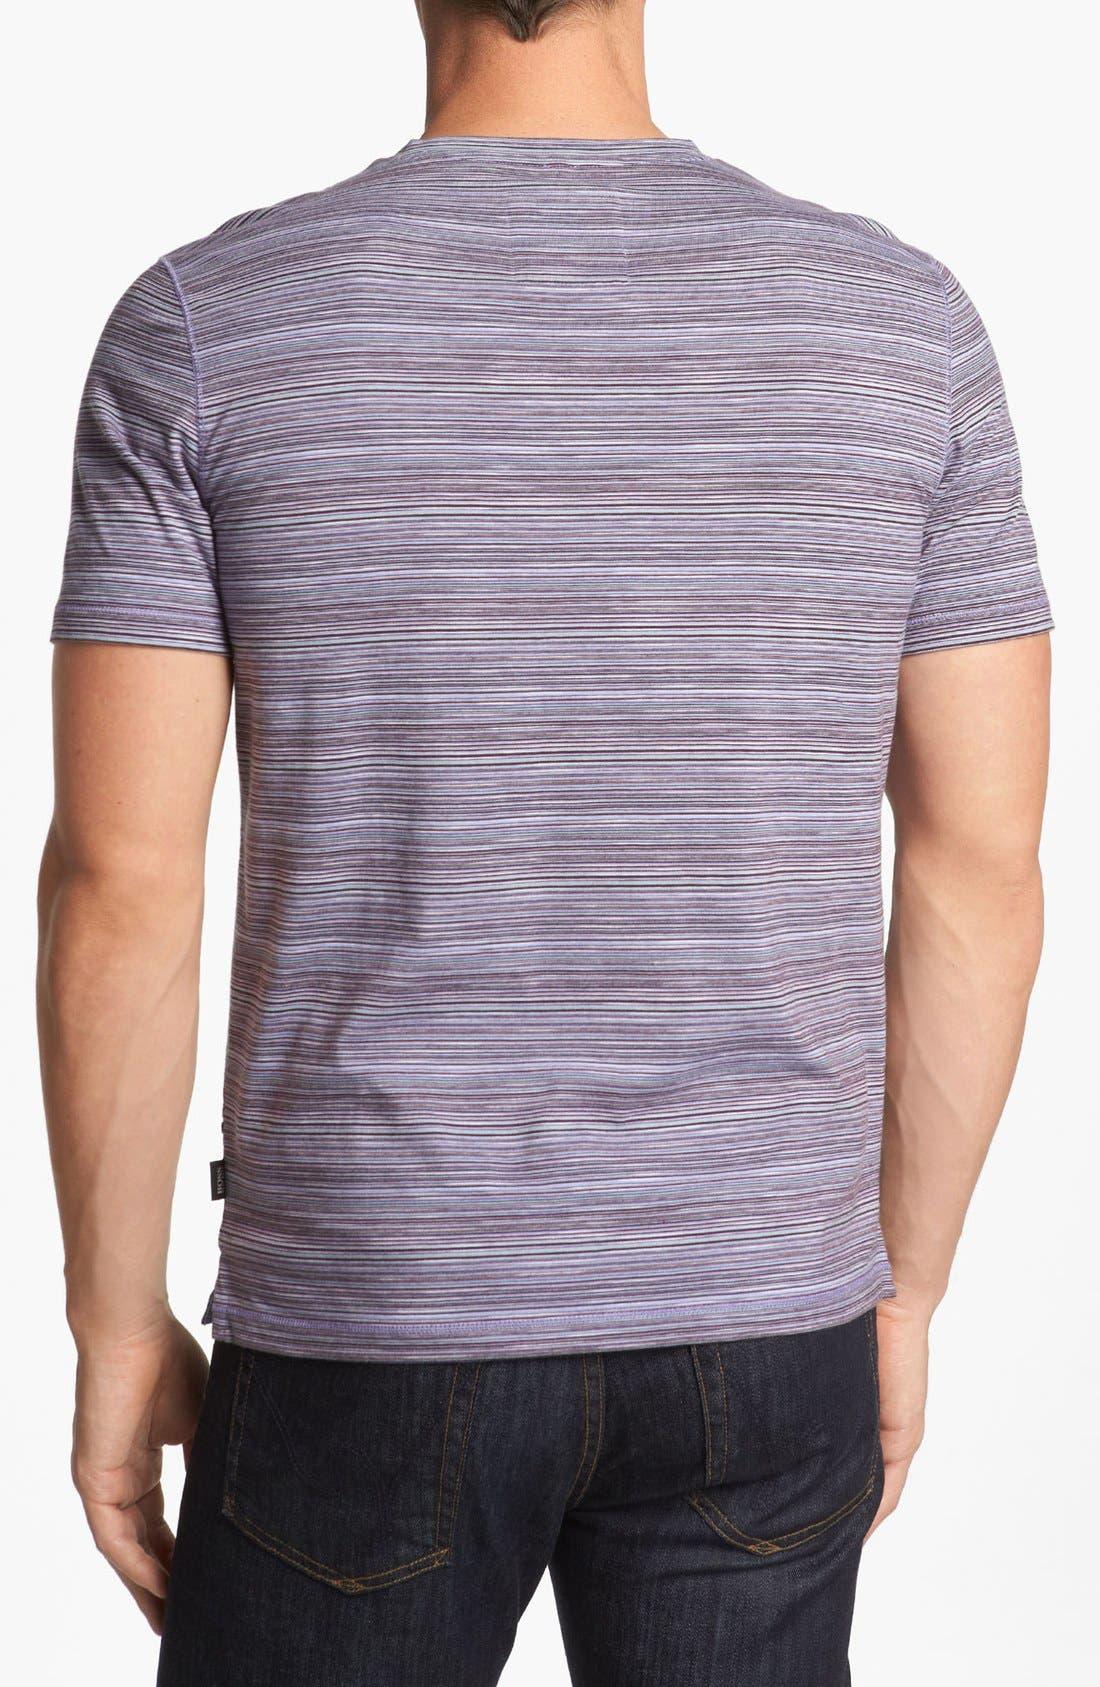 Alternate Image 2  - BOSS HUGO BOSS 'Canistro' V-Neck T-Shirt